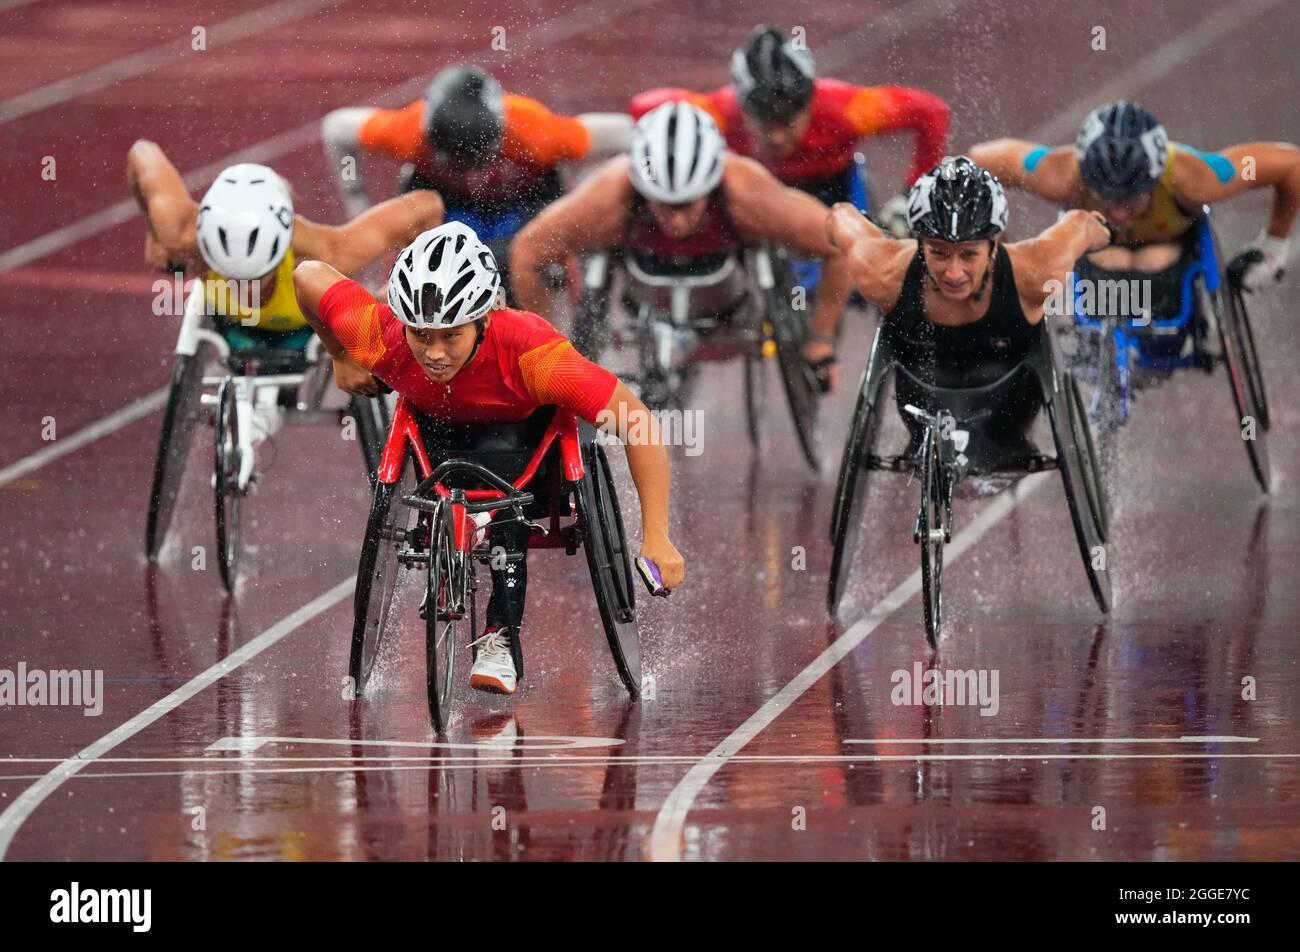 31 agosto 2021: Zhaoqian Zhou dalla Cina vincendo 1500 durante l'atletica al Tokyo Paralympics, Stadio Olimpico di Tokyo, Tokyo, Giappone. Prezzo Kim/CSM Foto Stock